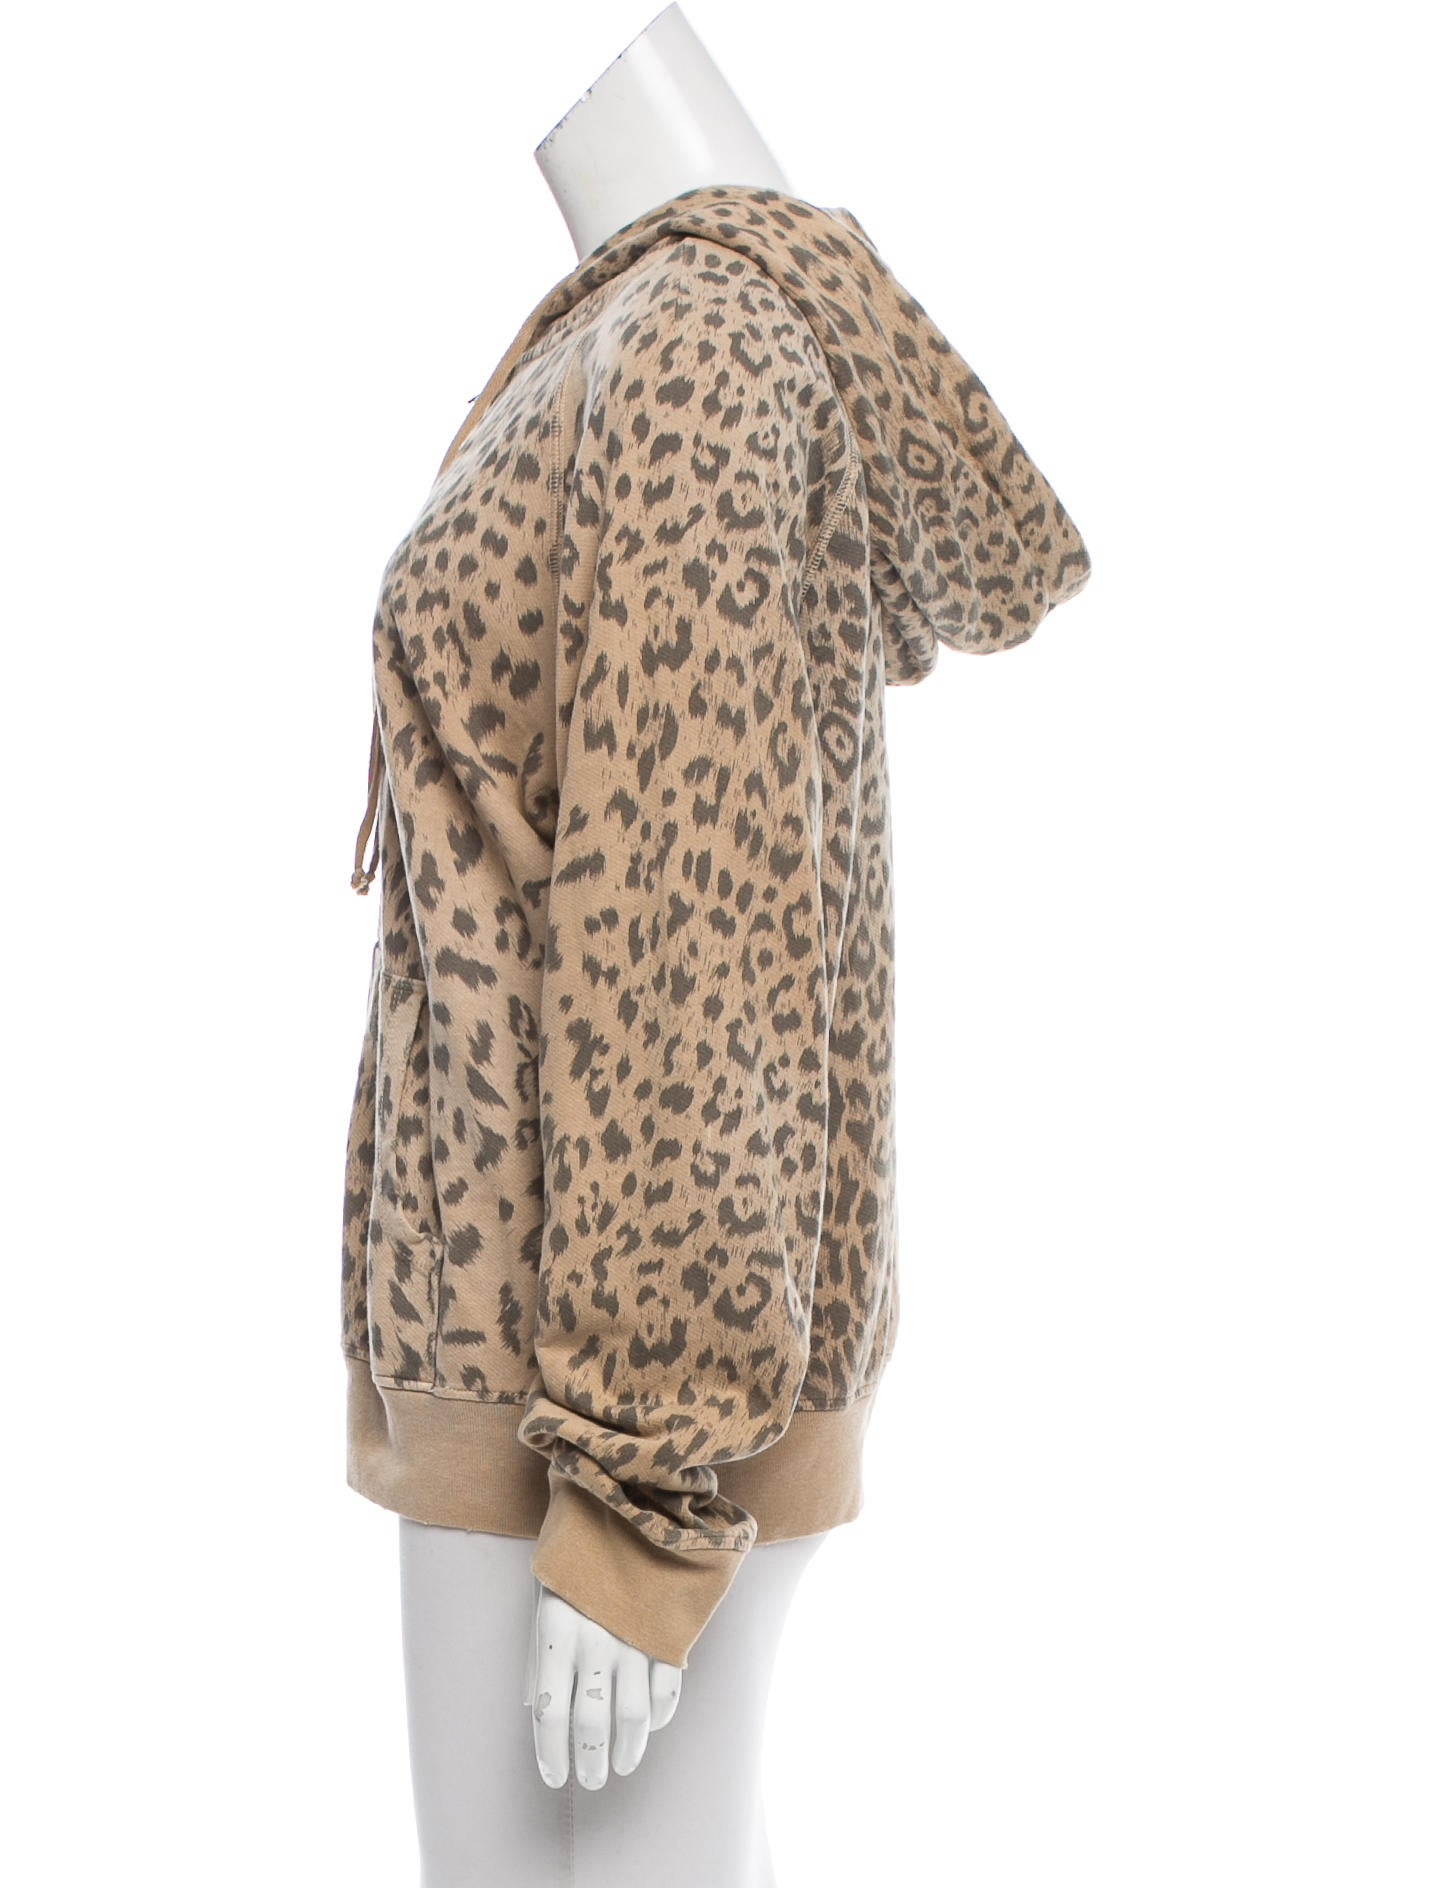 Leopard zip up hoodie